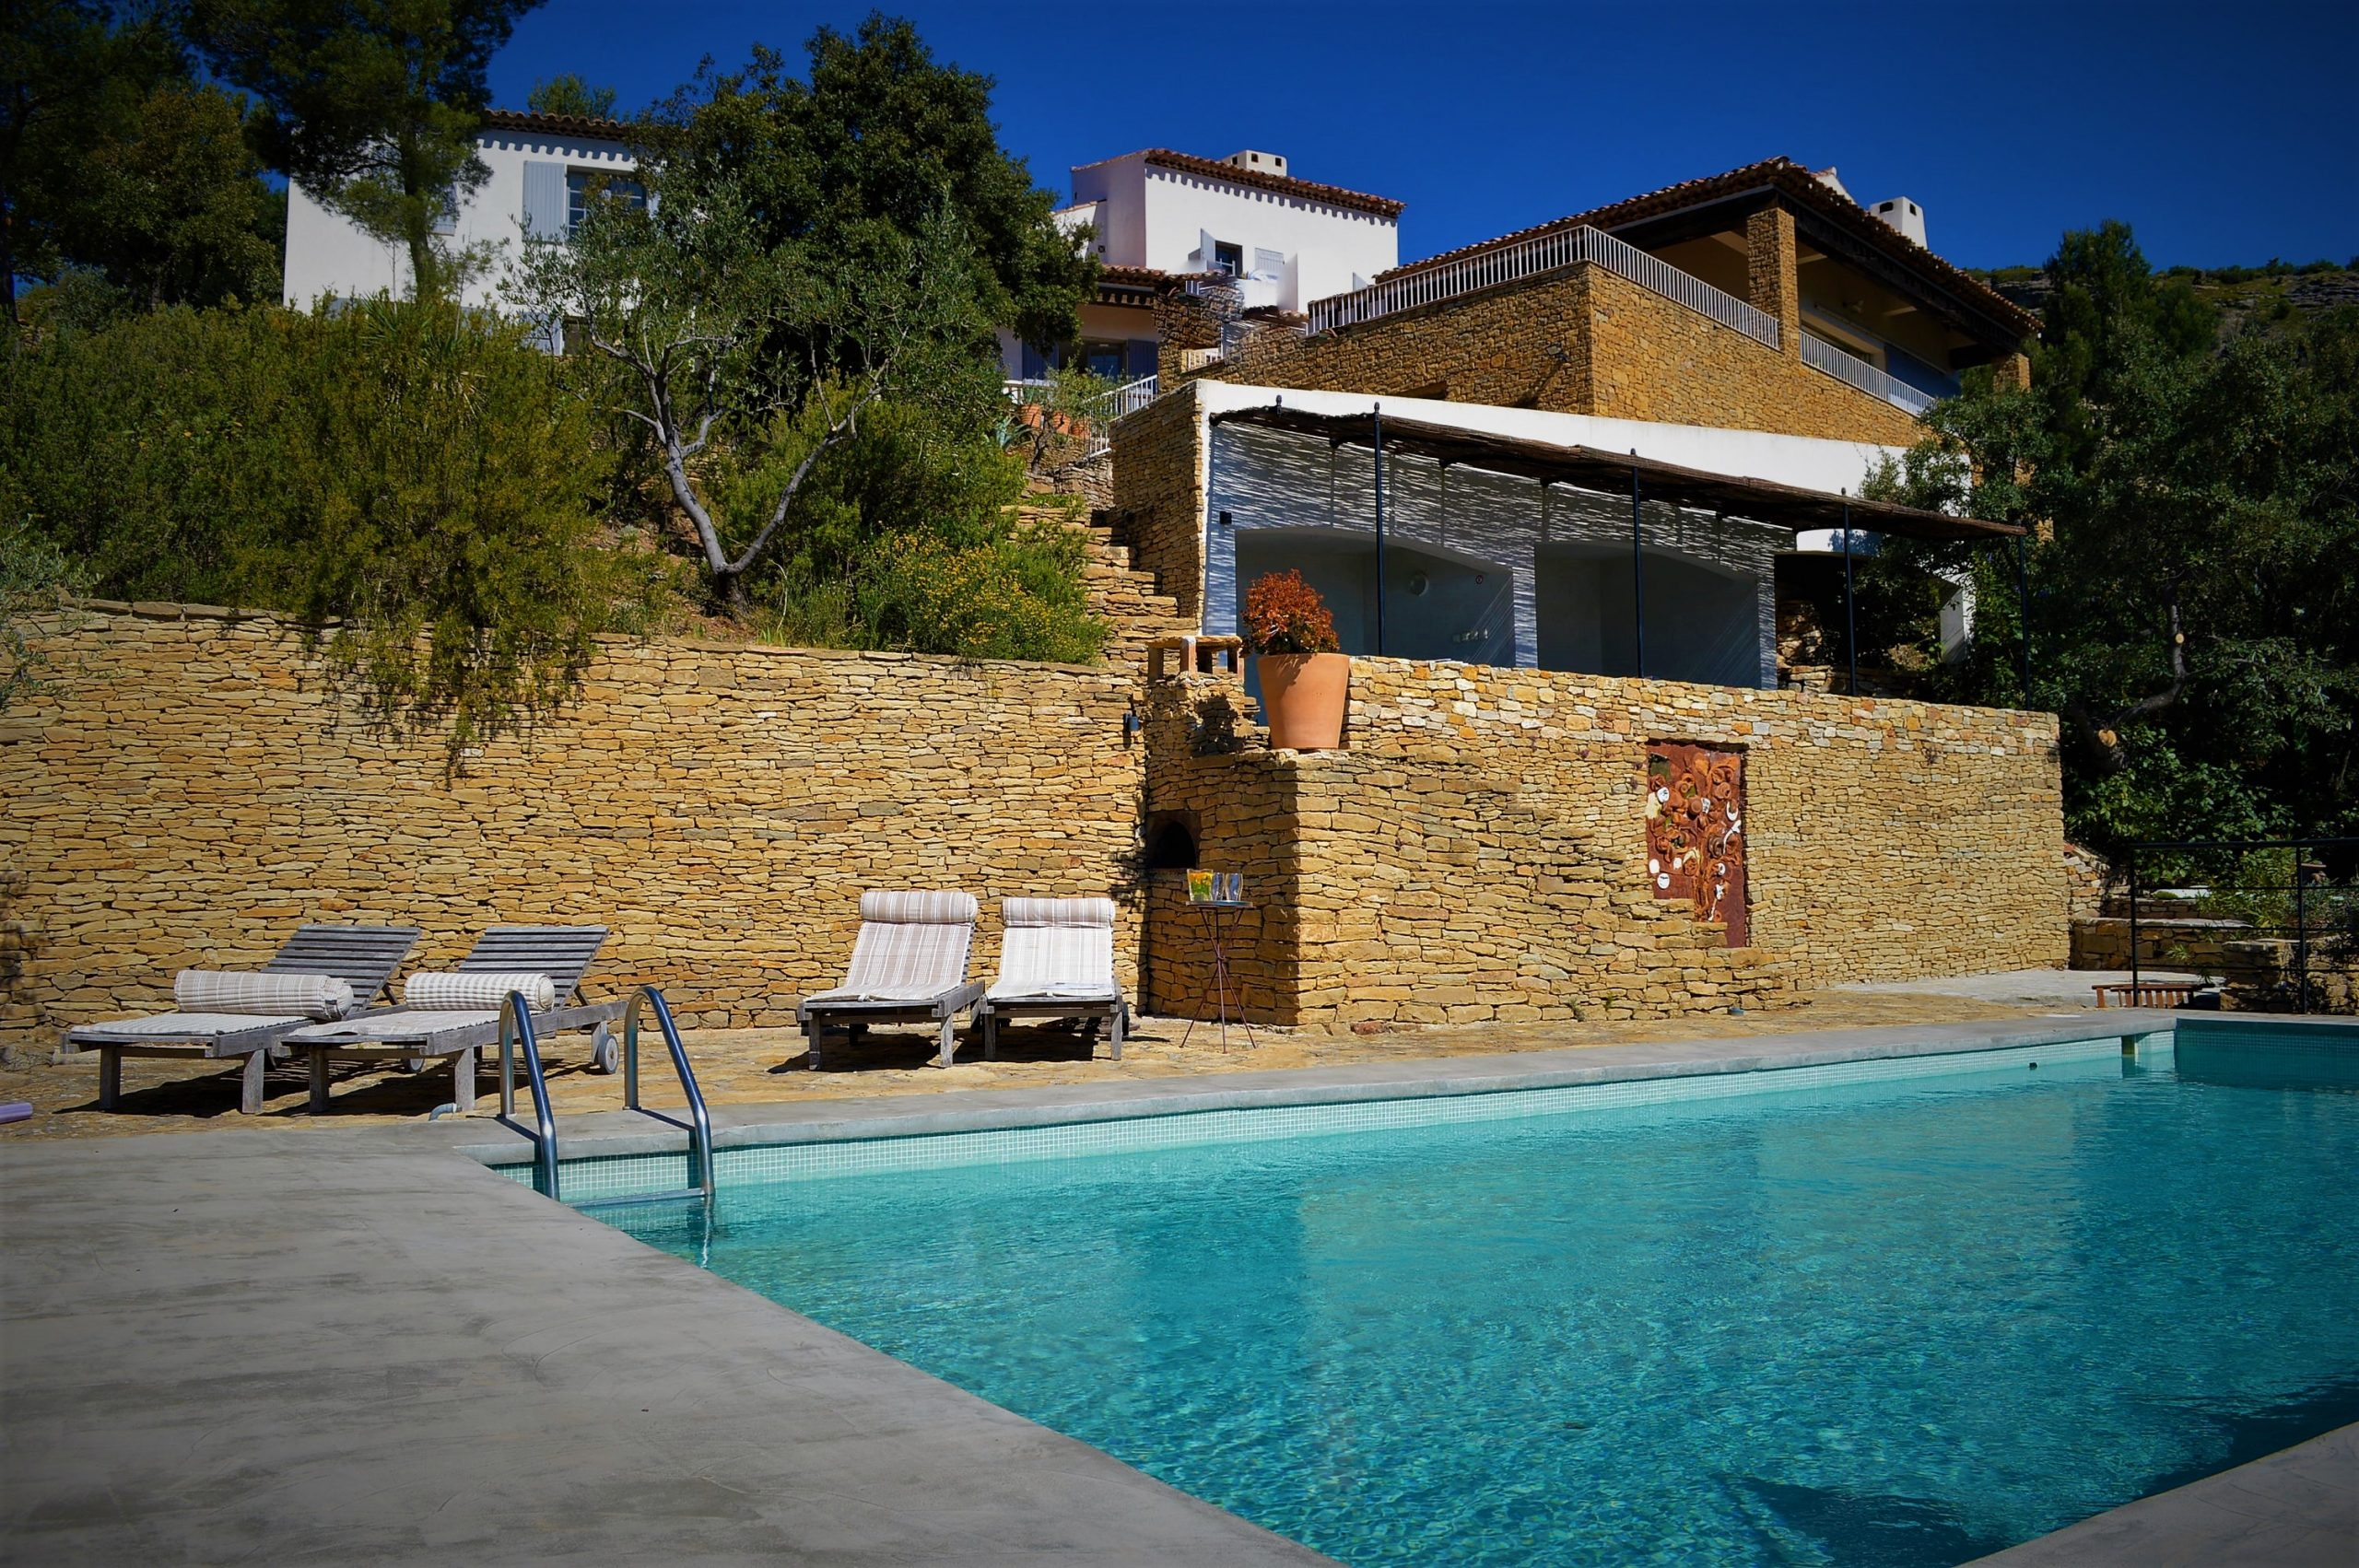 La Villa Quihado - Home dedans Piscine Suspendue